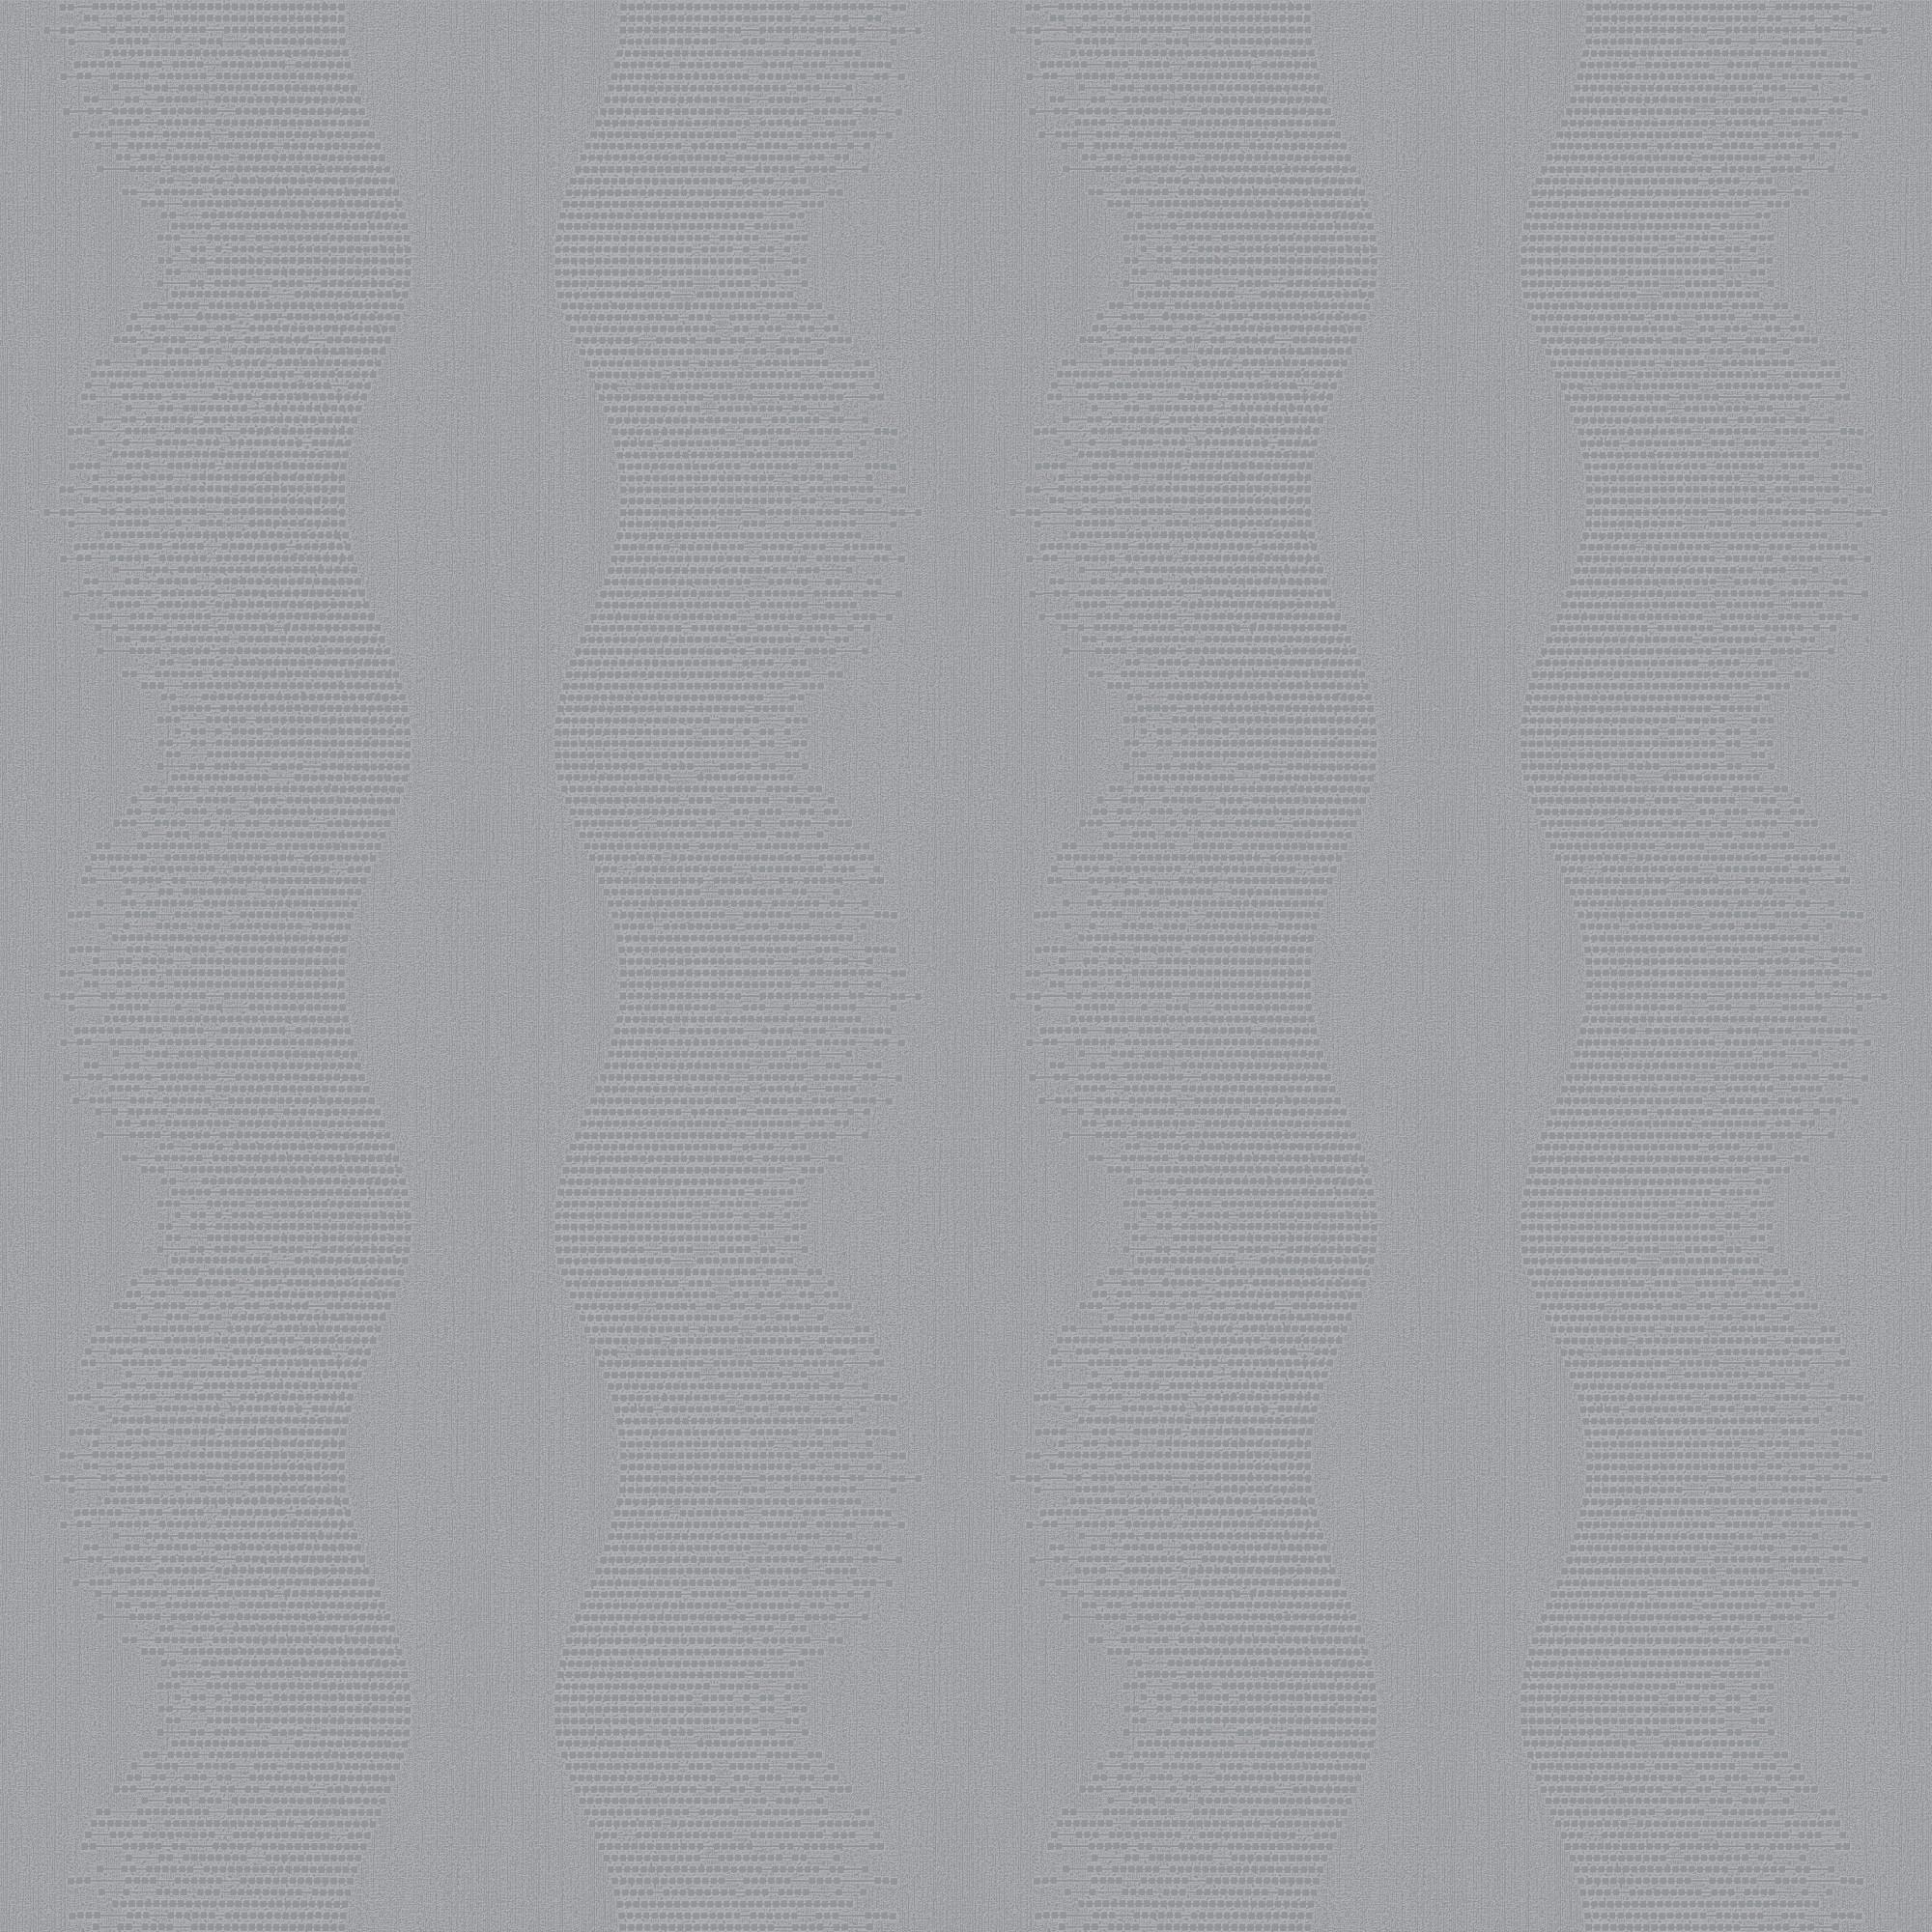 Papel de Parede 53cm x 10m PVC Texturizado Tiffany 9113 - Jolie